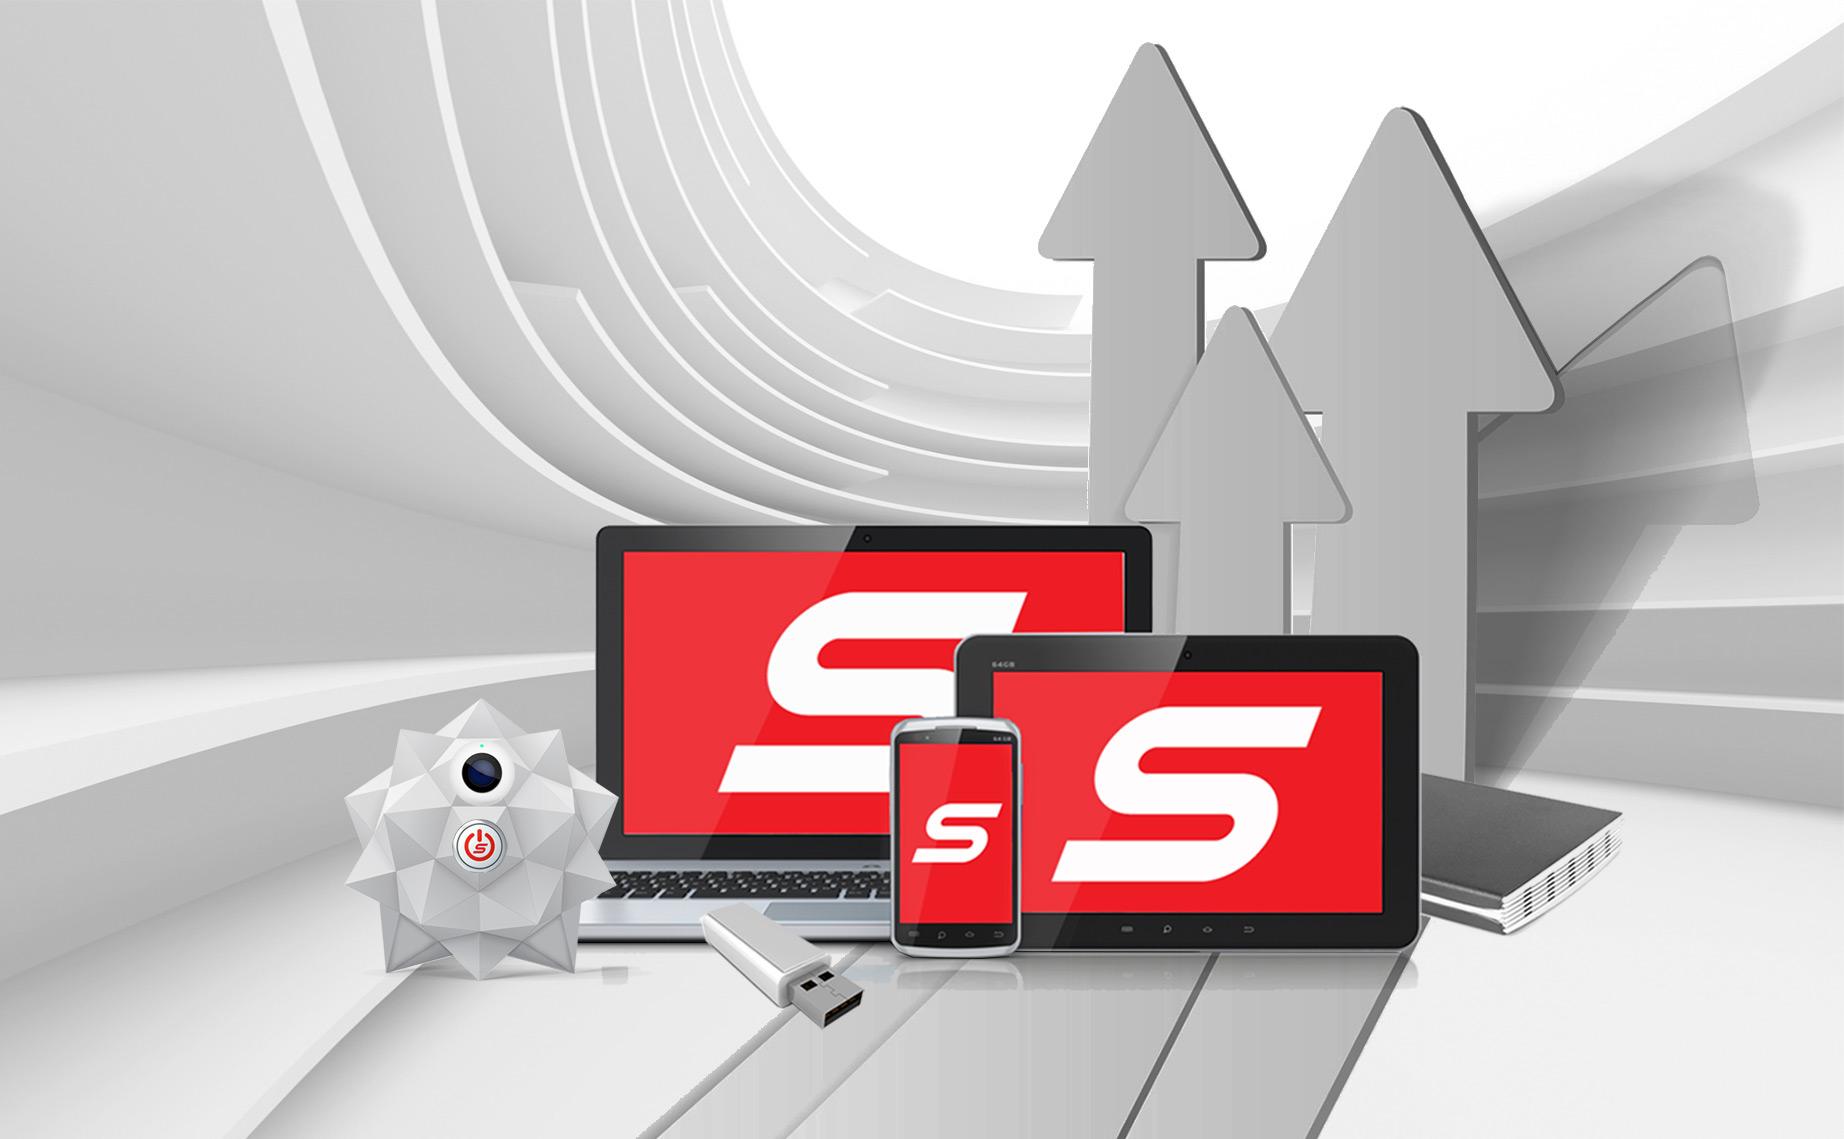 SECUDE mit neuem Partnerprogramm für zeitgemäße und visionäre IT-Sicherheits-Lösungen